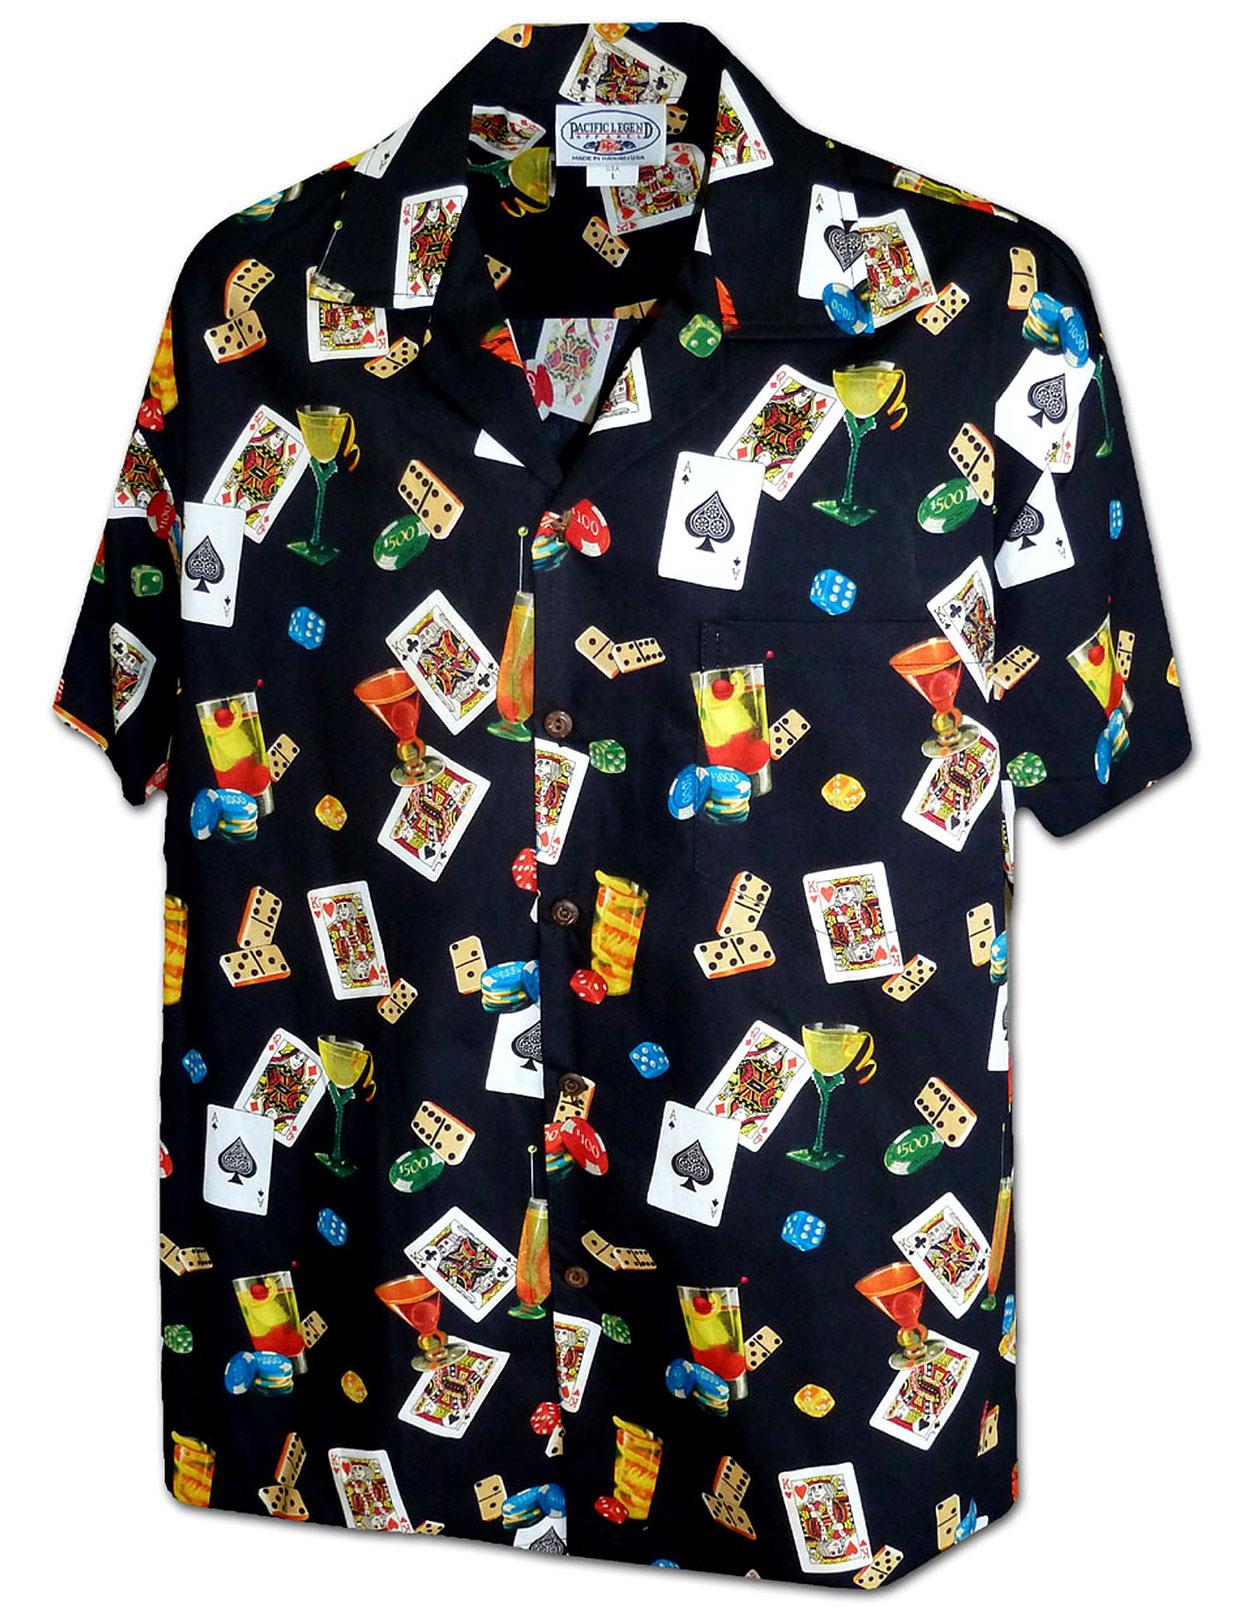 Poker Hand Aloha Shirt Shaka Time Hawaii Clothing Store